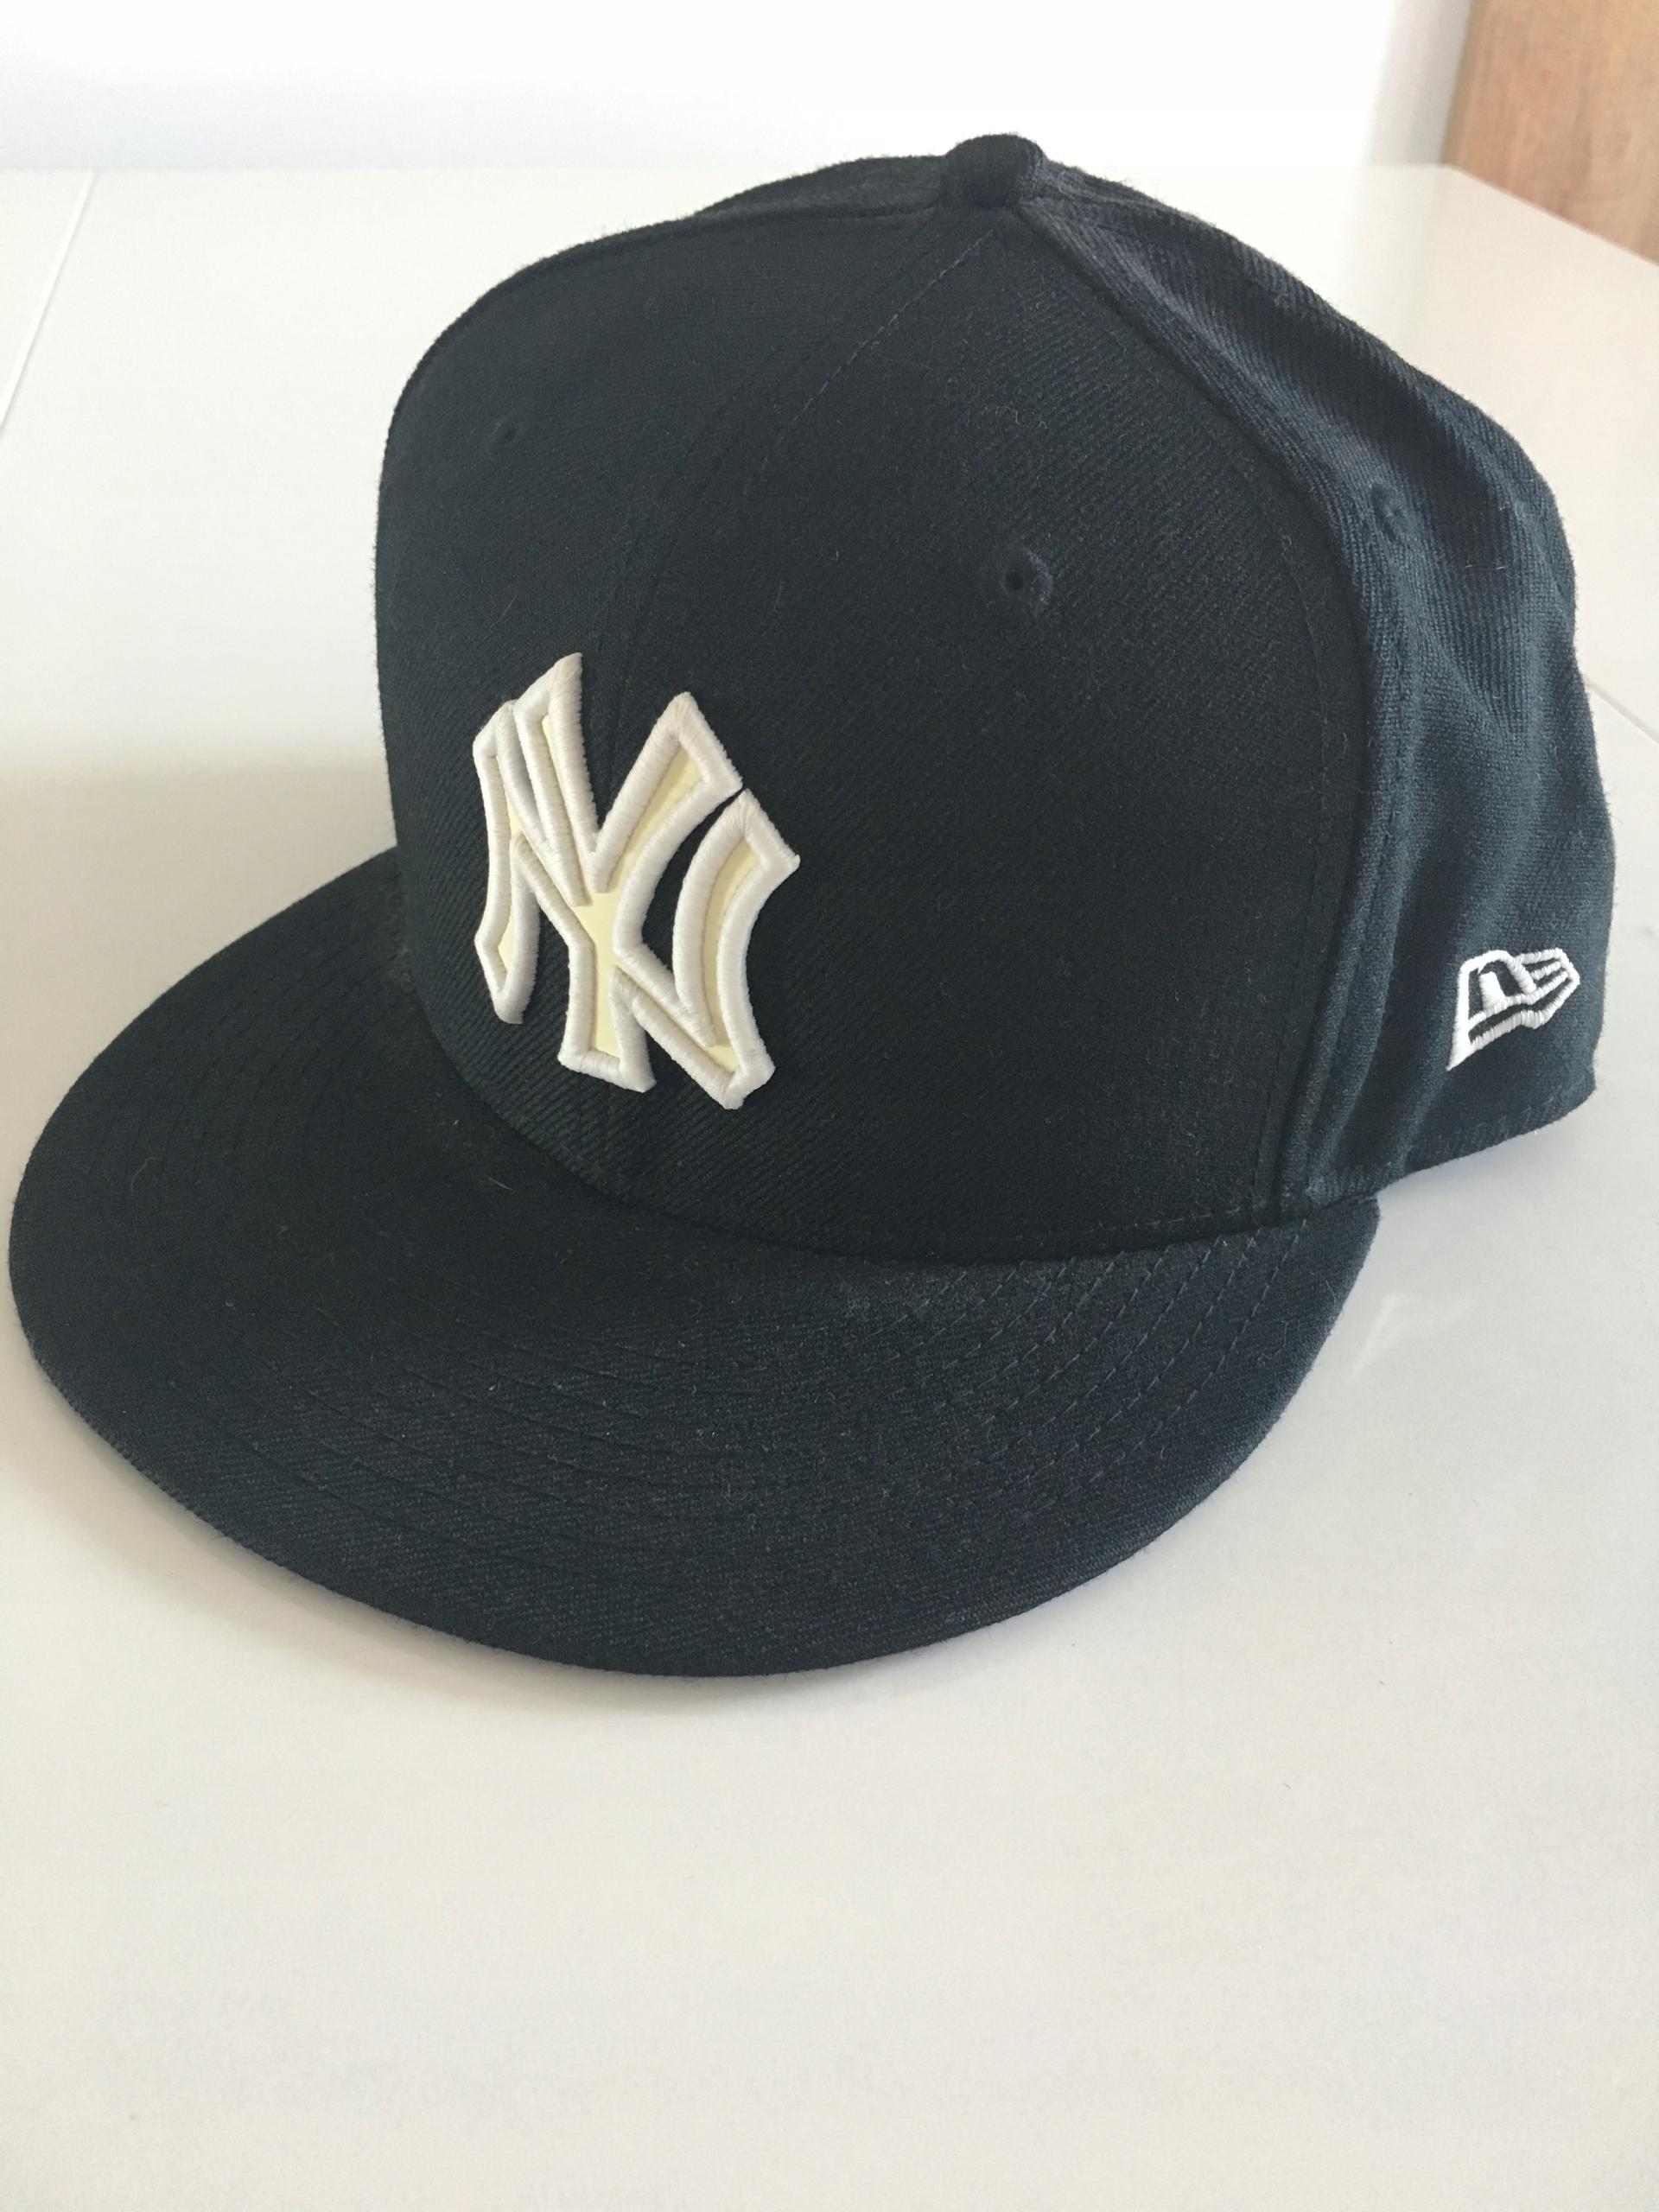 później najlepsza moda Darmowa dostawa Full Cap NEW ERA czapka z daszkiem - 7489692310 - oficjalne ...